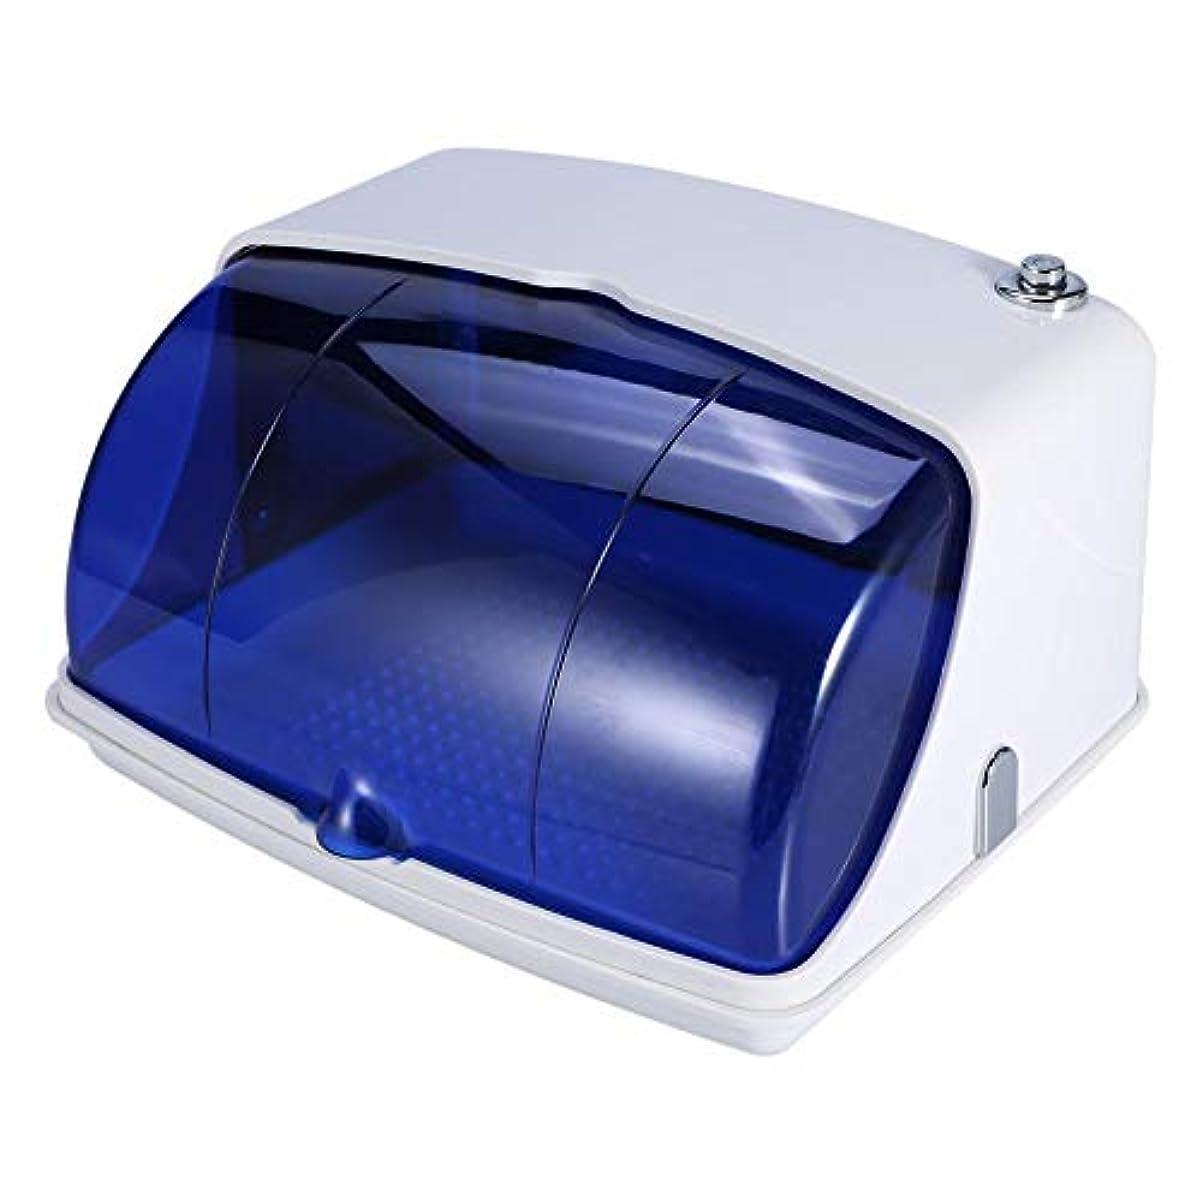 拾うスカート櫛サロン紫外線滅菌キャビネット プロフェッショナル紫外線 消毒滅菌 温度殺菌機 美容ネイルタトゥーツール(USプラグ)